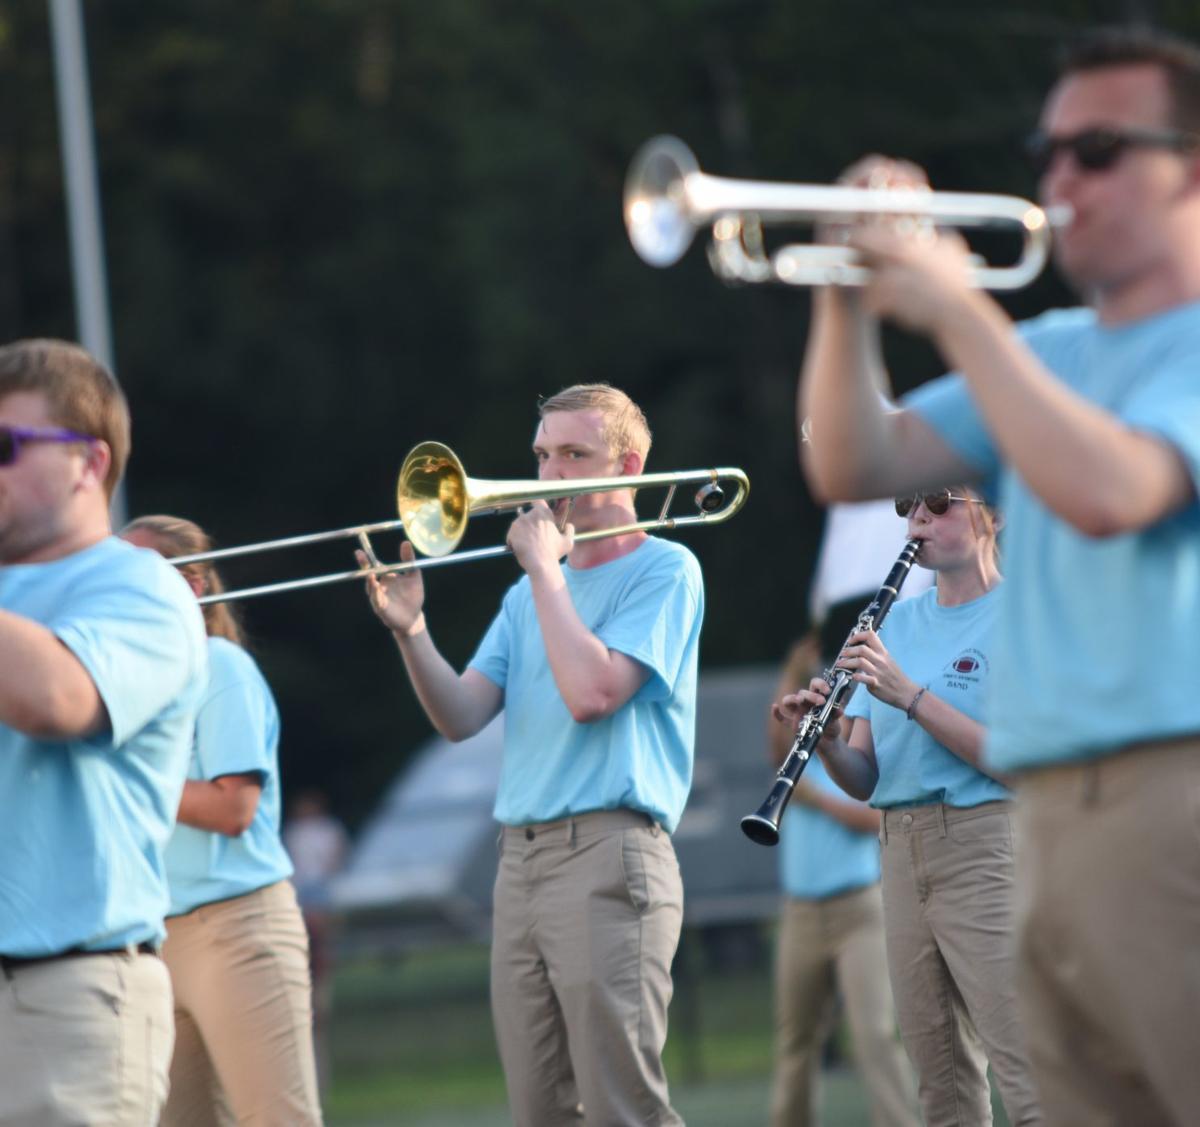 Mathew Knowltonon on the trombone